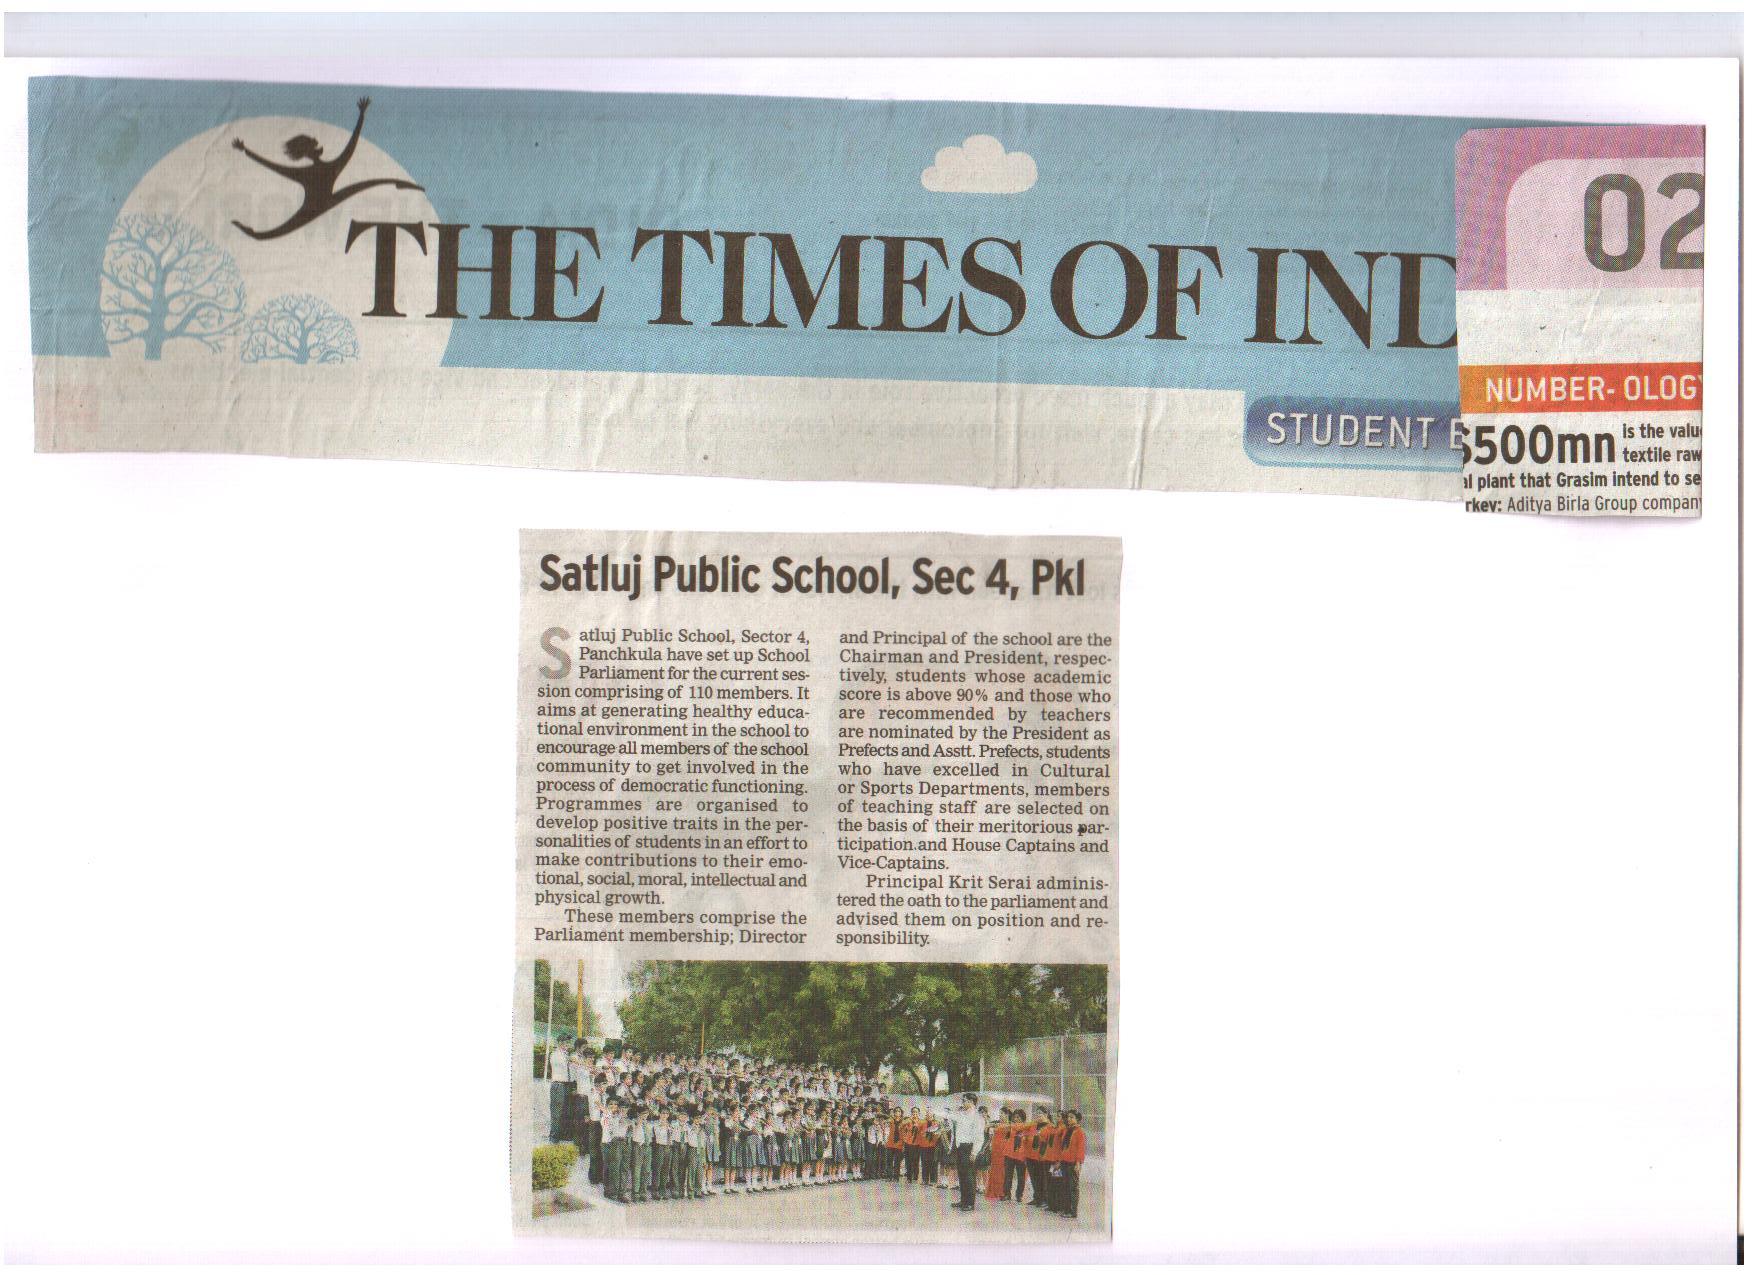 Satluj set up School Parliament